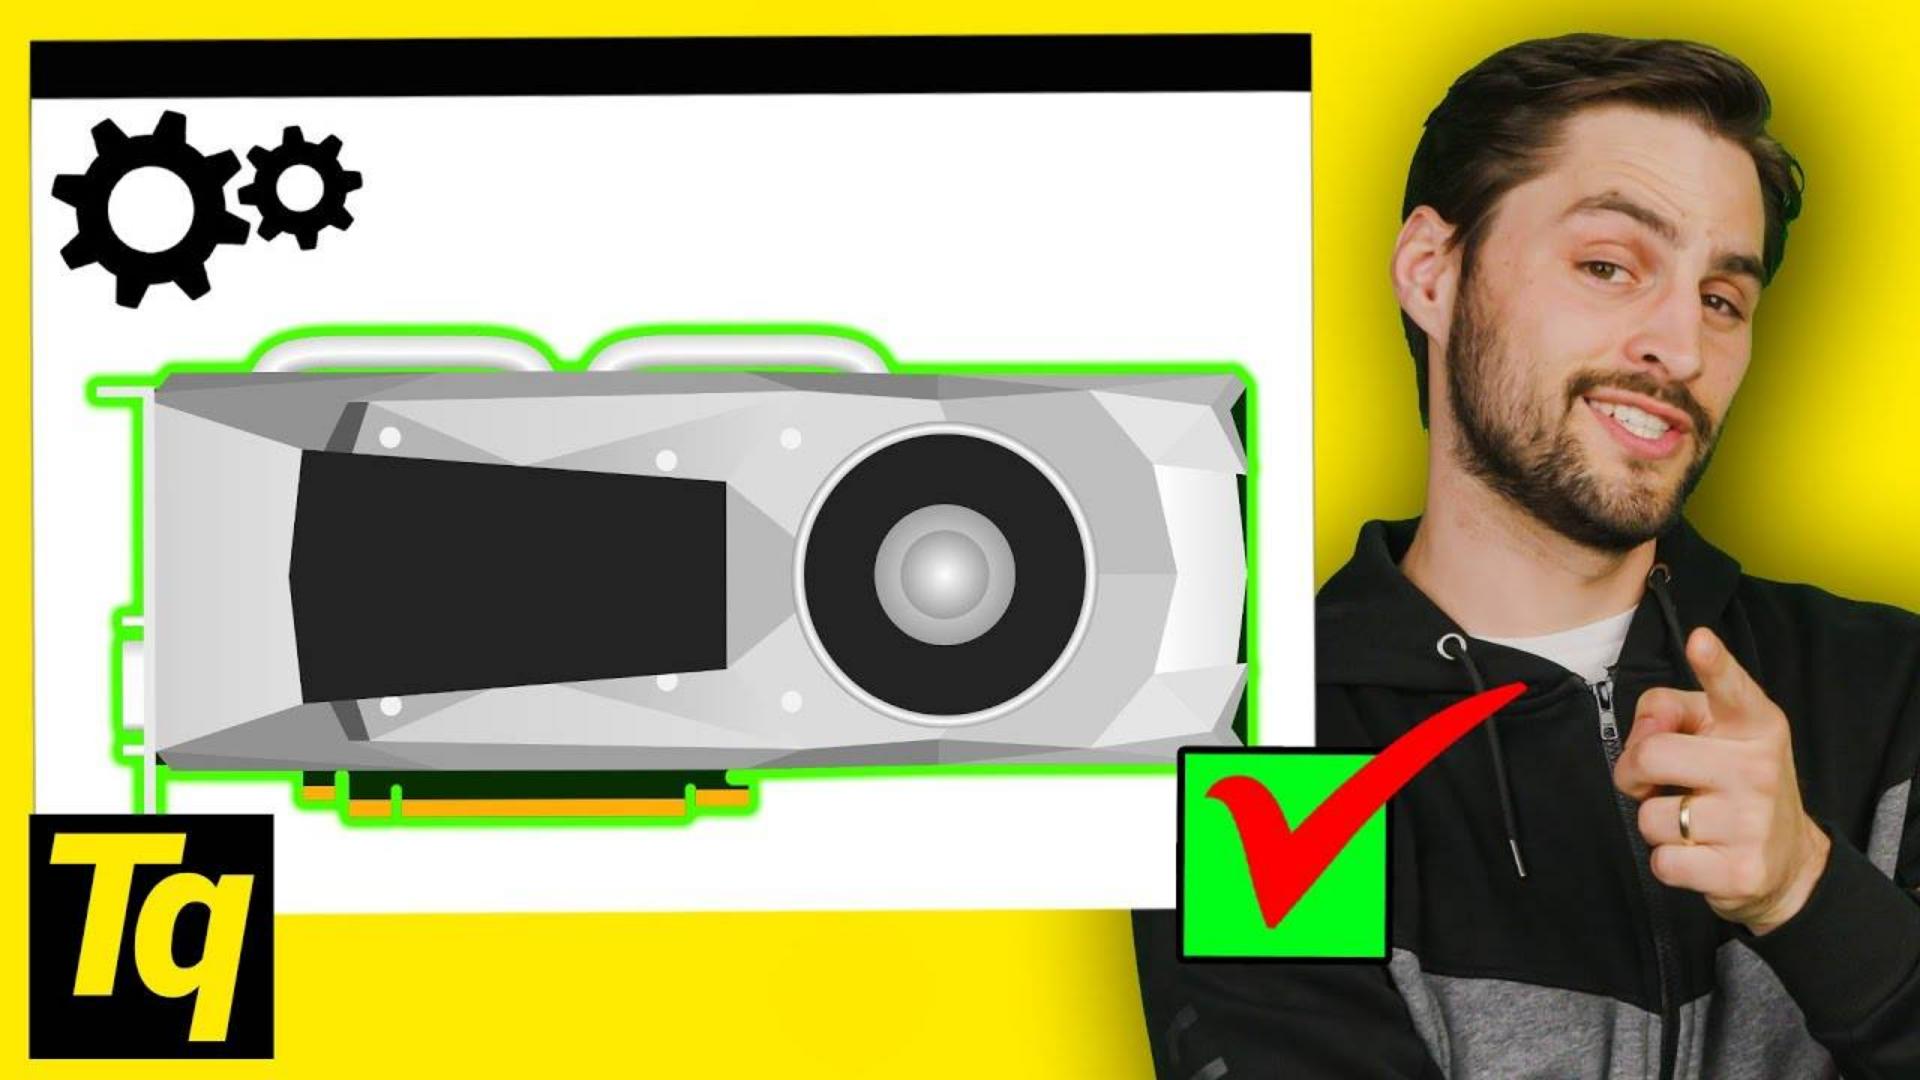 【官方双语】 这些GPU设置你了解吗?#电子速谈